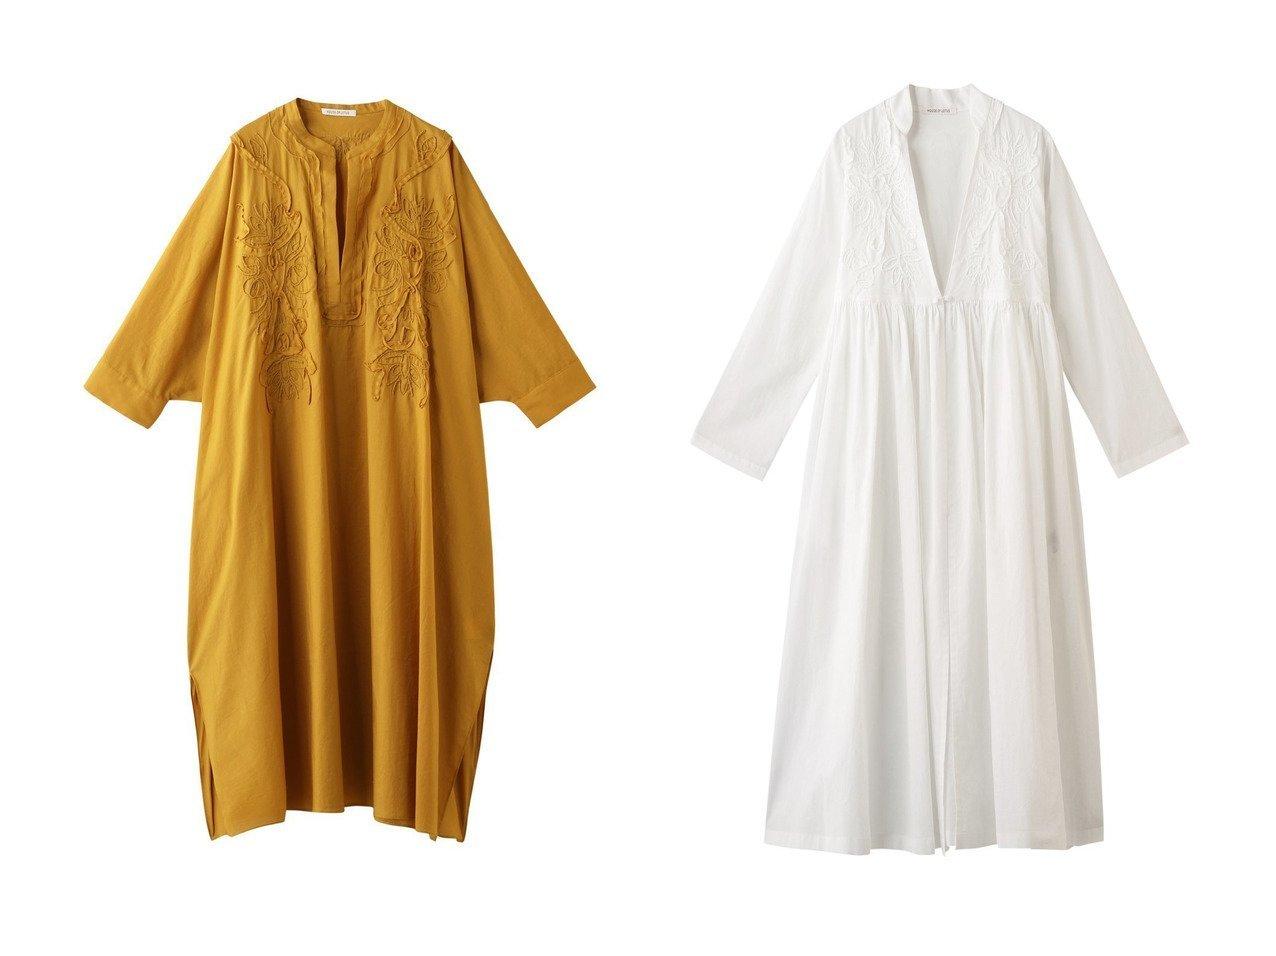 【HOUSE OF LOTUS/ハウス オブ ロータス】のコットン刺繍カフタンワンピース&コットン刺繍ギャザーワンピース ワンピース・ドレスのおすすめ!人気、トレンド・レディースファッションの通販 おすすめで人気の流行・トレンド、ファッションの通販商品 メンズファッション・キッズファッション・インテリア・家具・レディースファッション・服の通販 founy(ファニー) https://founy.com/ ファッション Fashion レディースファッション WOMEN ワンピース Dress 2021年 2021 2021 春夏 S/S SS Spring/Summer 2021 S/S 春夏 SS Spring/Summer エレガント ギャザー スキッパー デコルテ ドレス バイアス ロング ワッシャー 人気 定番 Standard 春 Spring |ID:crp329100000013077